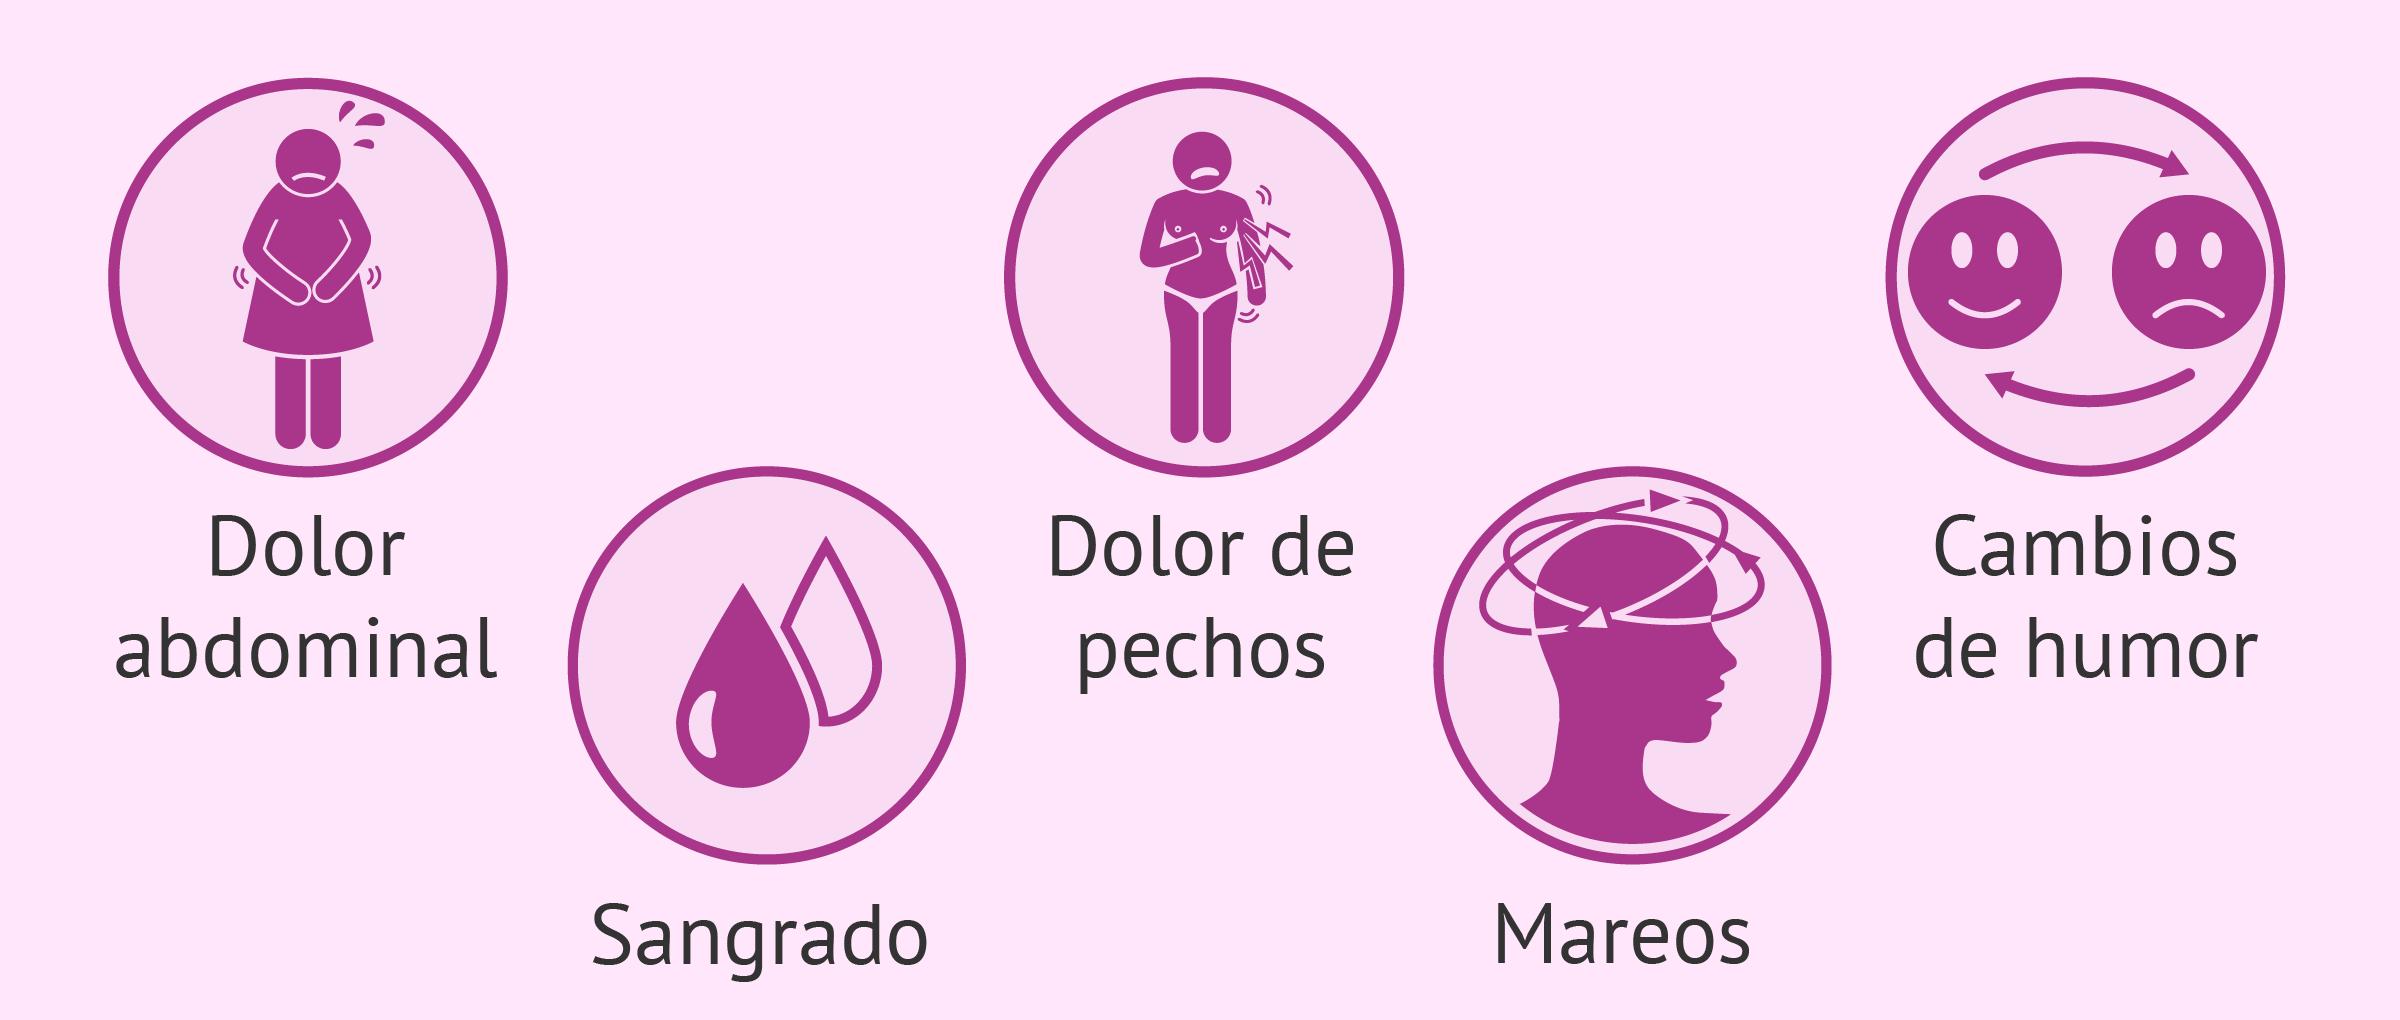 Primer mes de embarazo primeros s ntomas y cuidados en la madre - Primer mes de embarazo sintomas ...